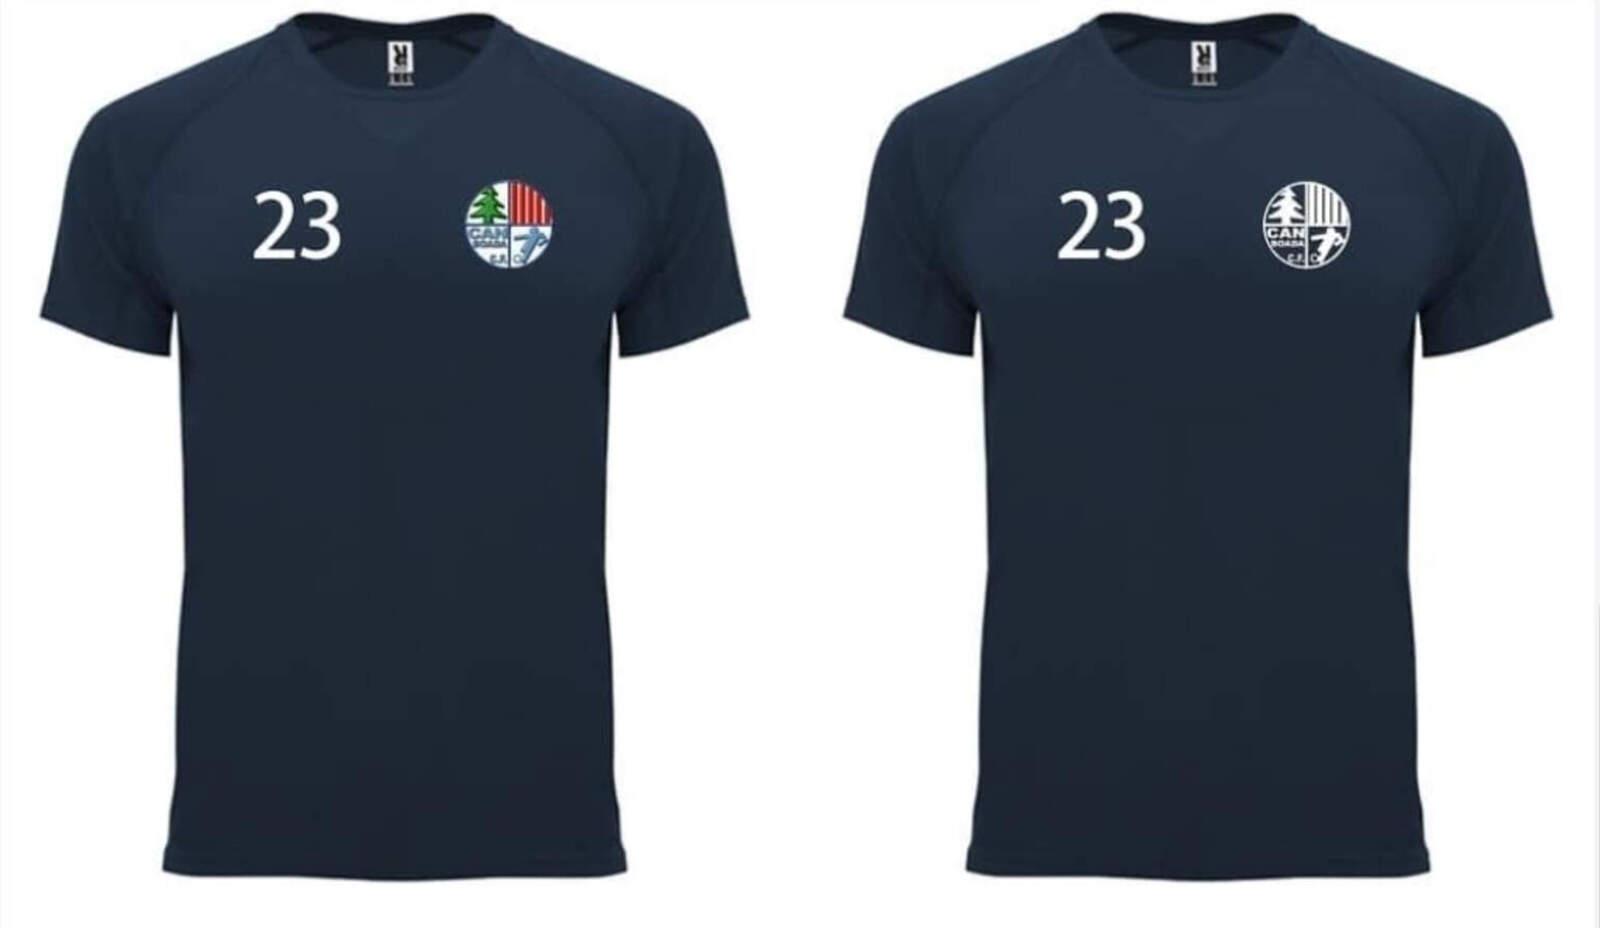 Nova samarreta per a la temporada 2020-21